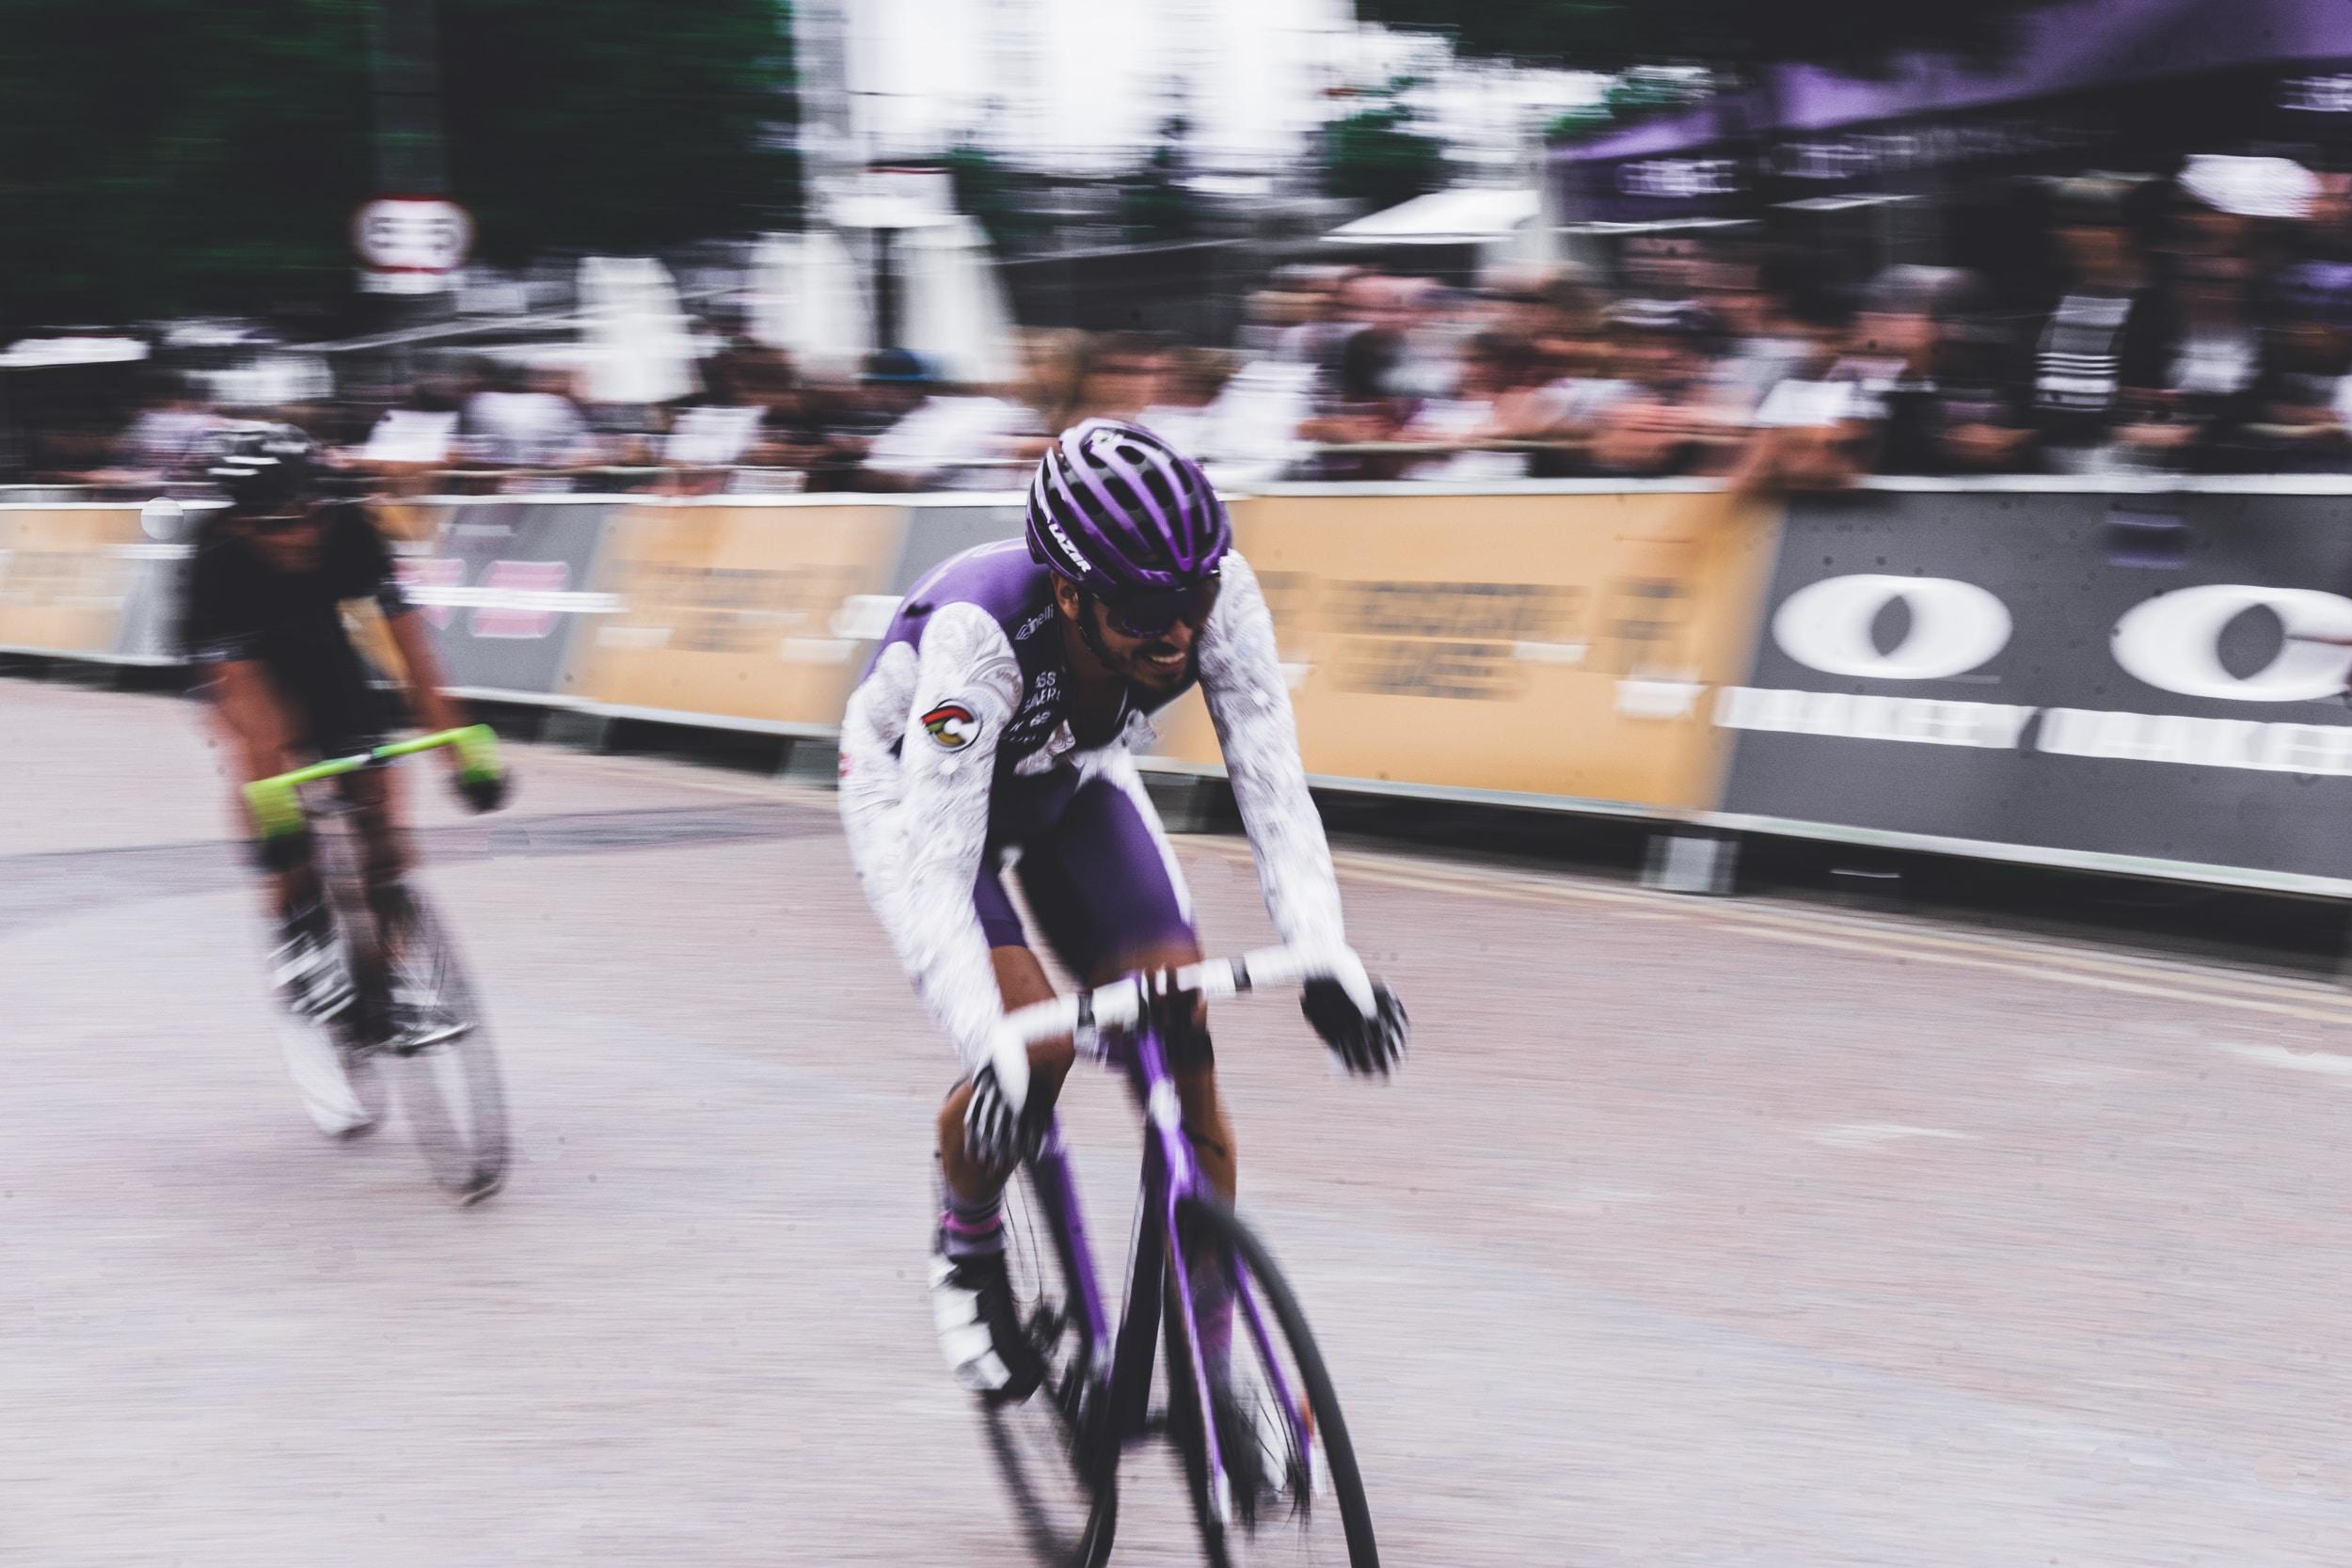 Two men cycling in a race in Greenwich